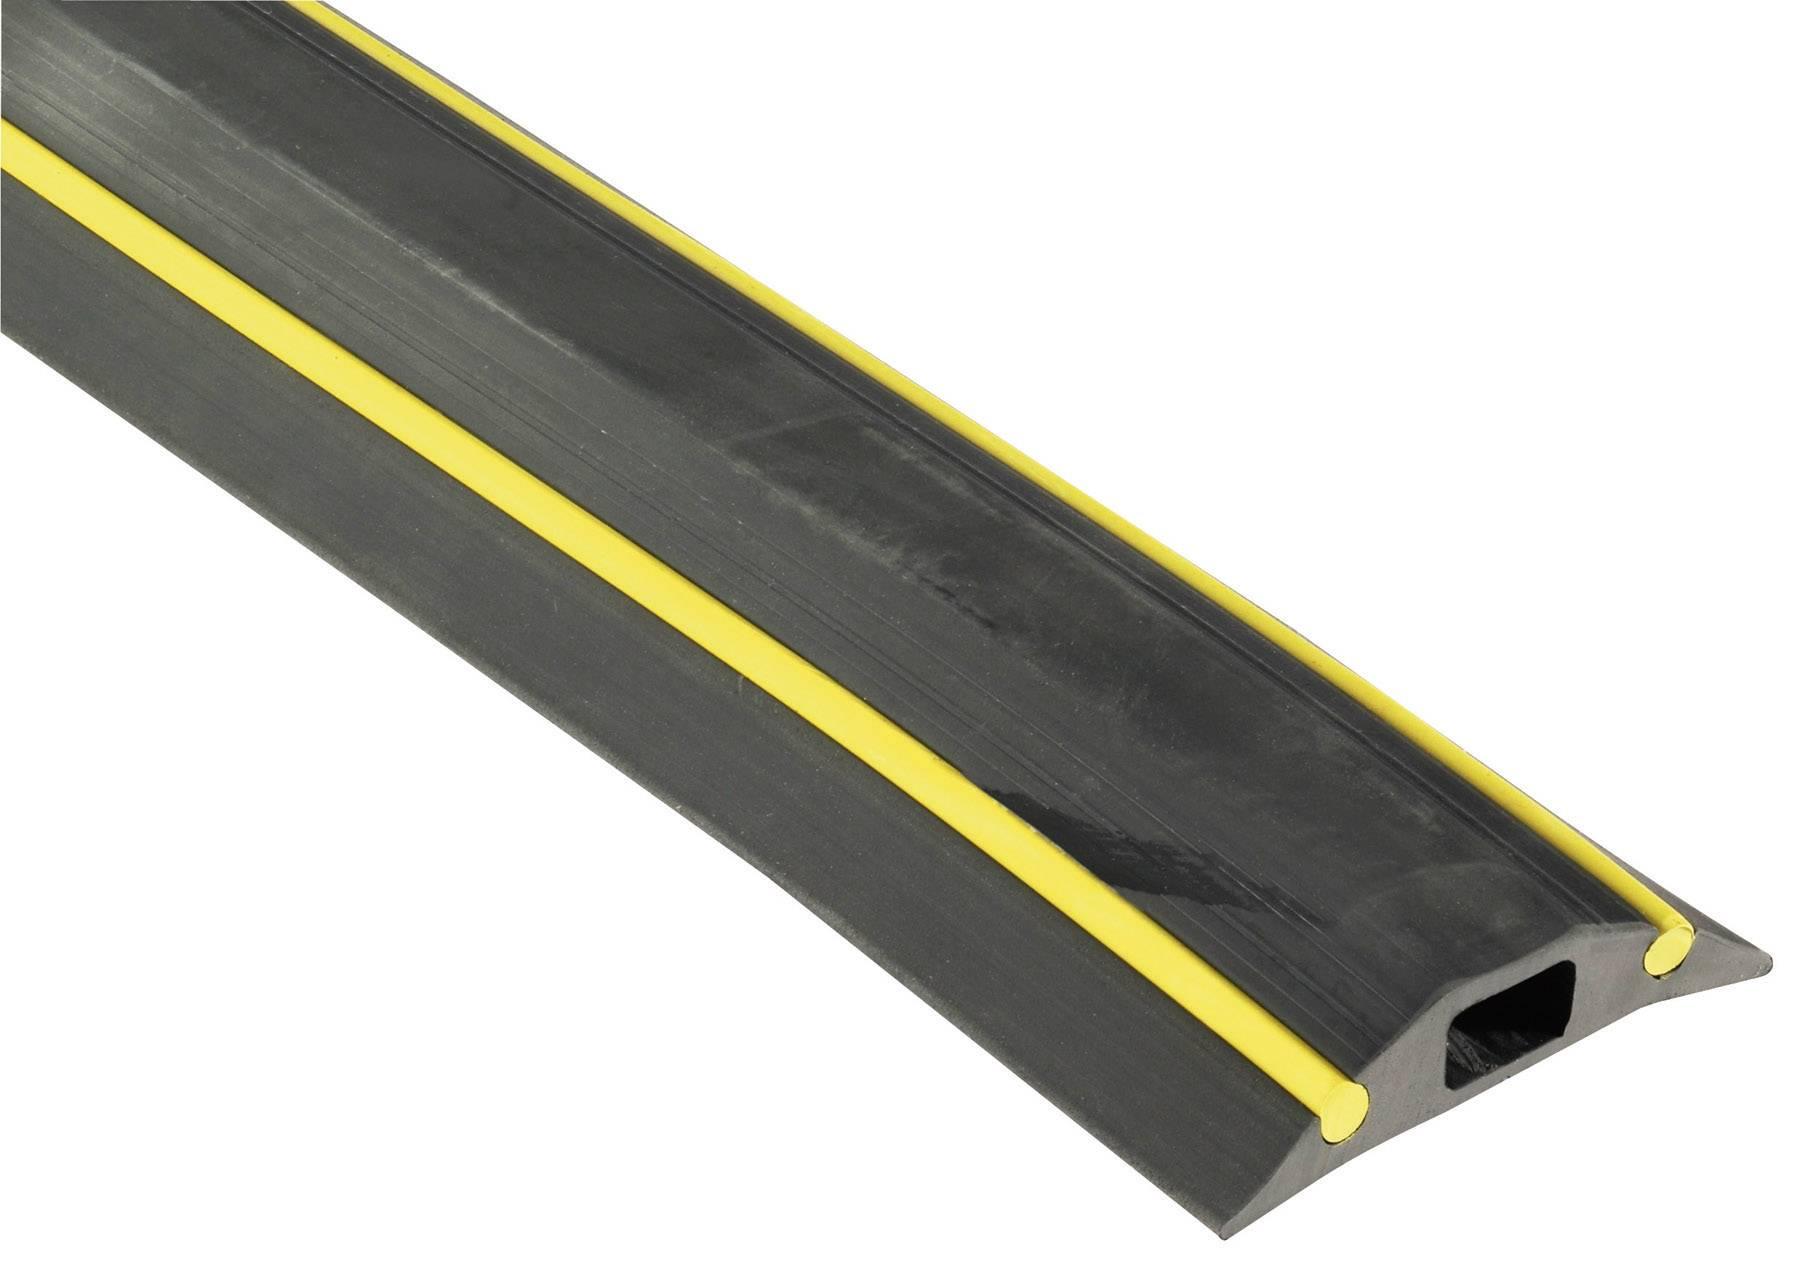 Káblový mostík Vulcascot VUS-018 VUS-018, (d x š x v) 3000 x 83 x 16 mm, čierna, 1 ks